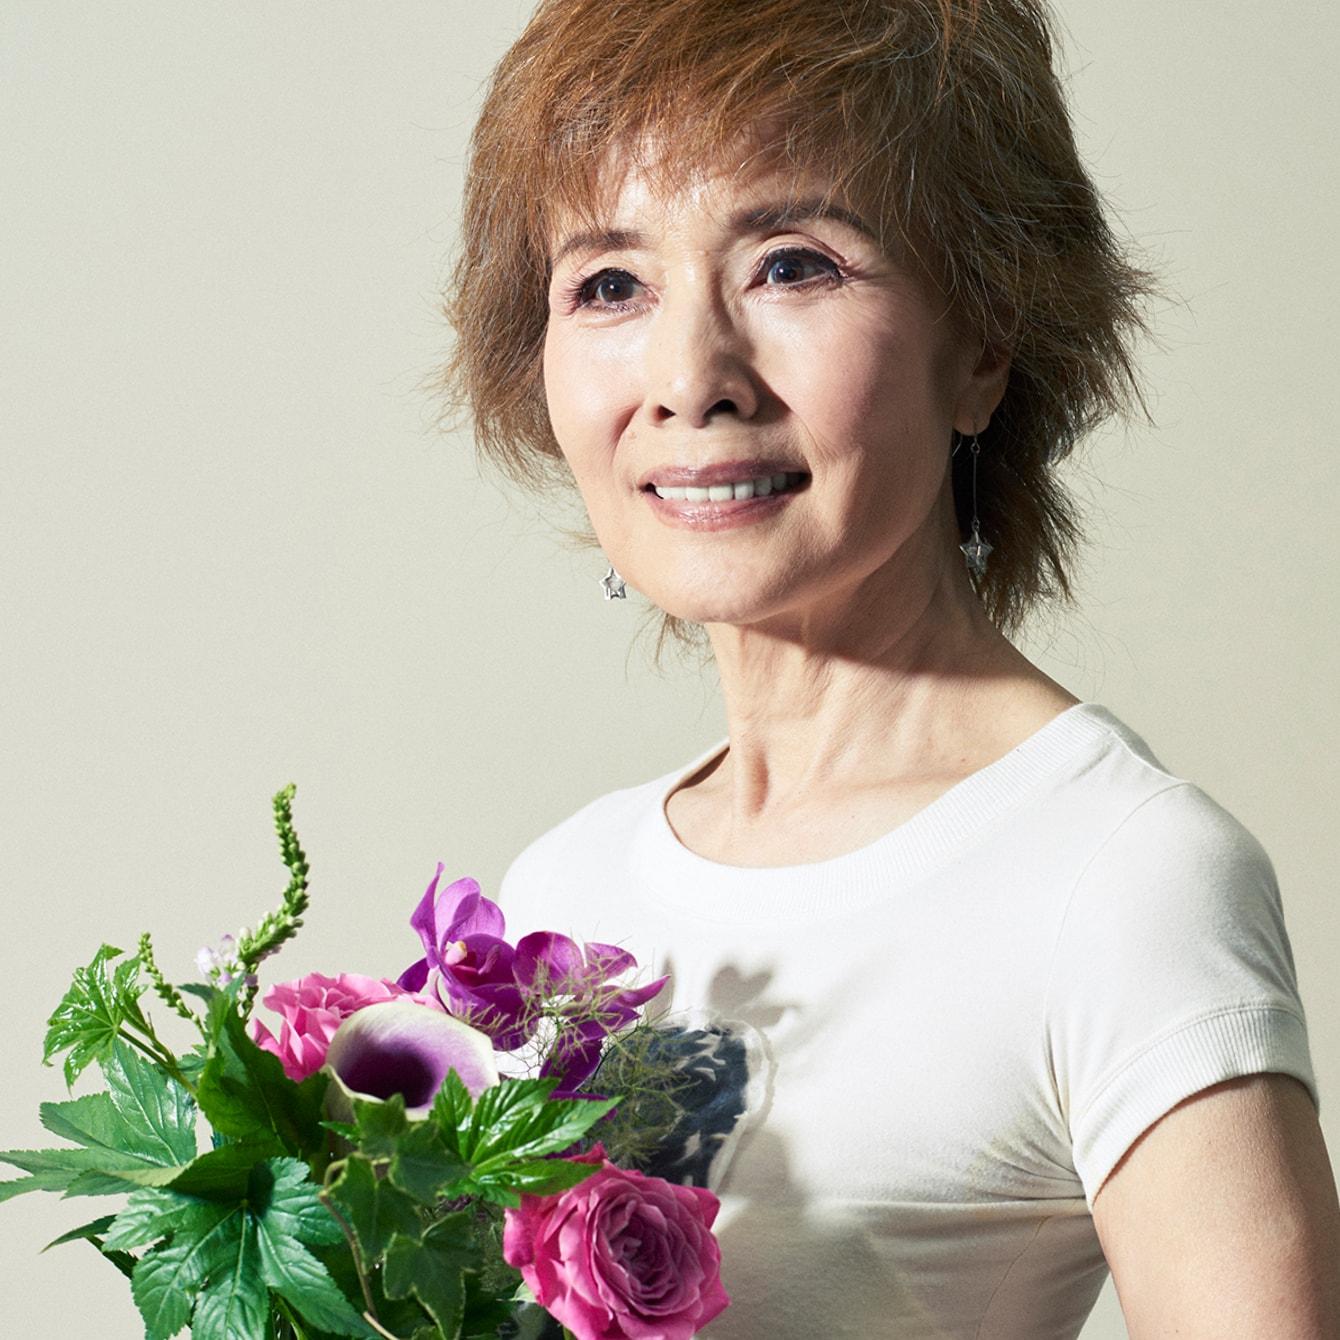 【小柳ルミ子芸能生活50年】年の差&格差婚、離婚…自殺したいほどの挫折を乗り越えて